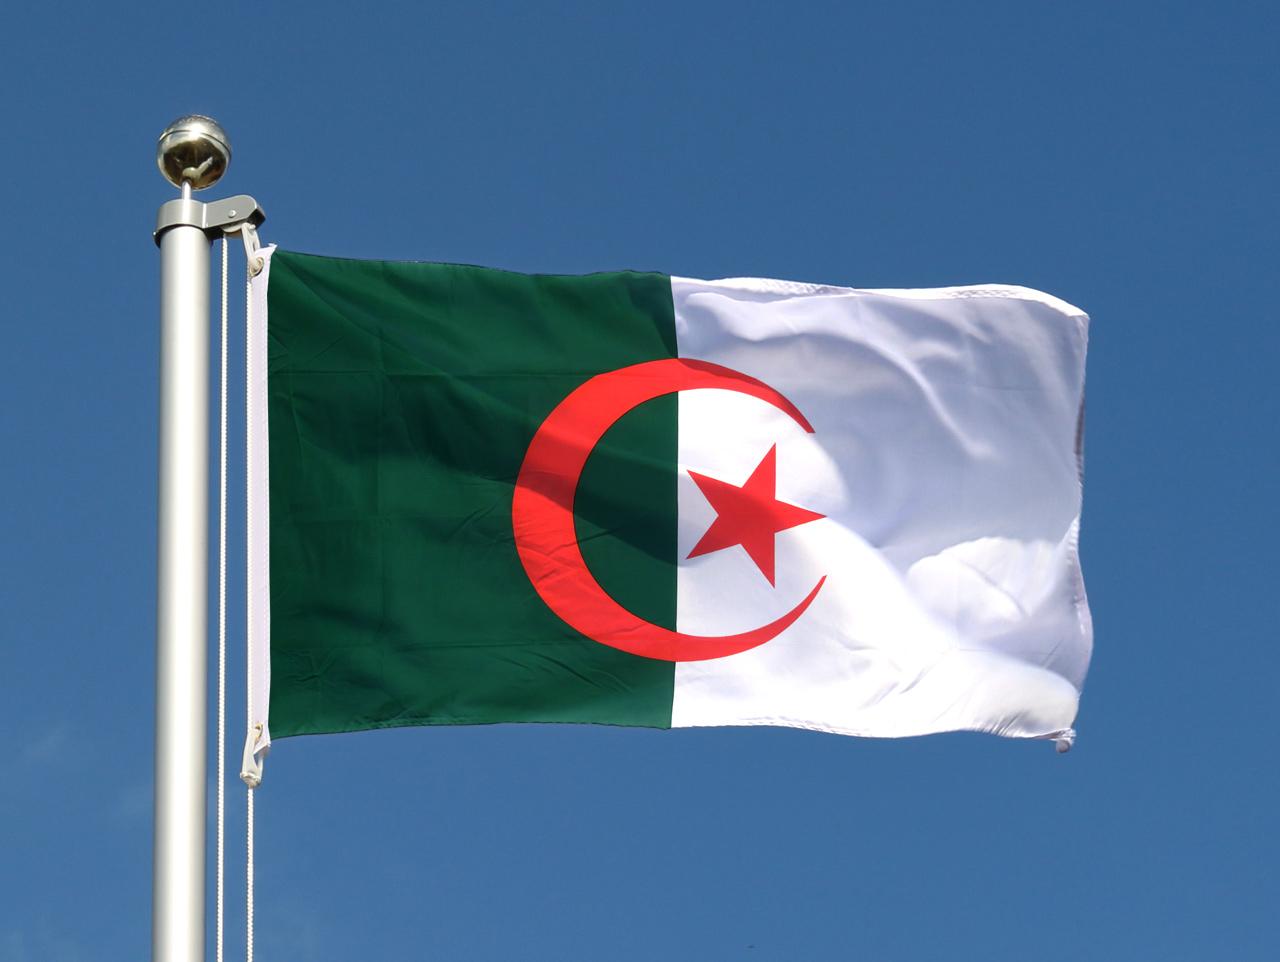 Algerie Drapeau drapeau algerien pas cher - 60 x 90 cm - m. des drapeaux